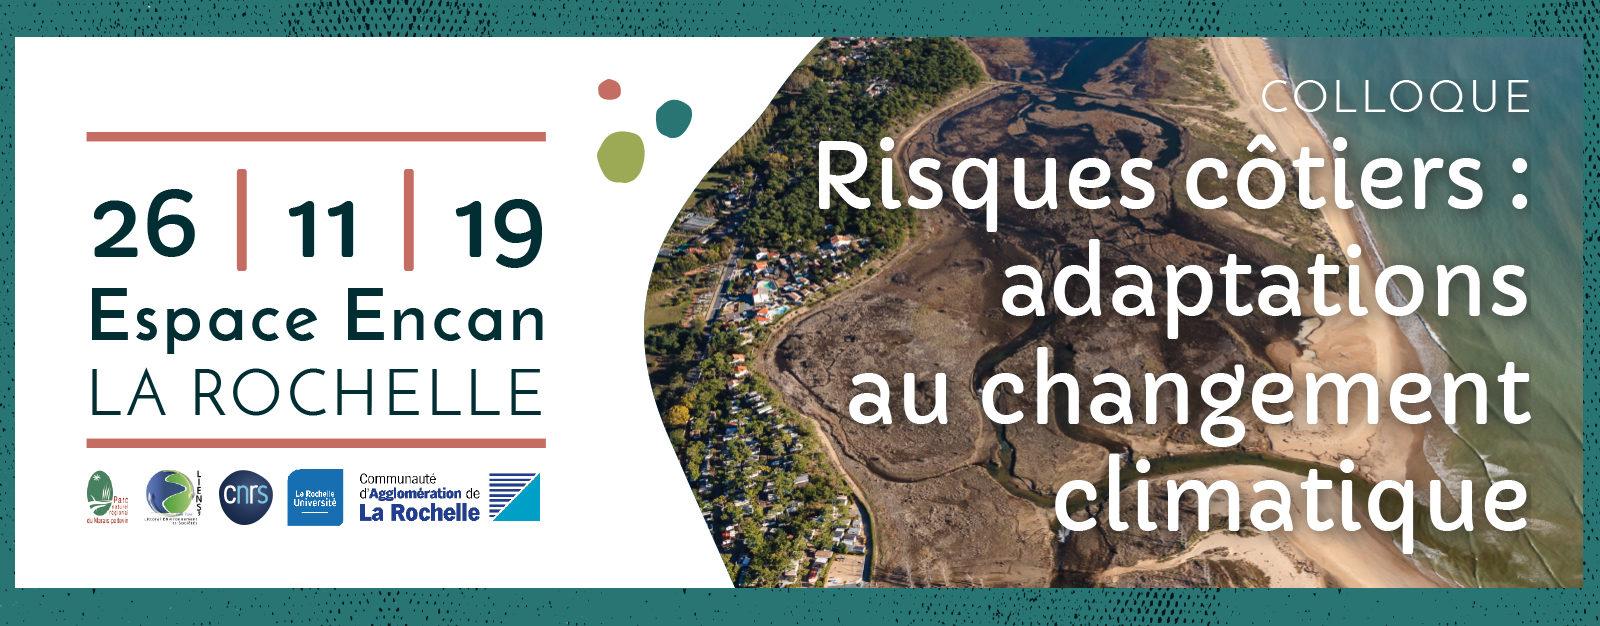 """COLLOQUE """"Risques Côtiers : adaptations au changement climatique"""""""